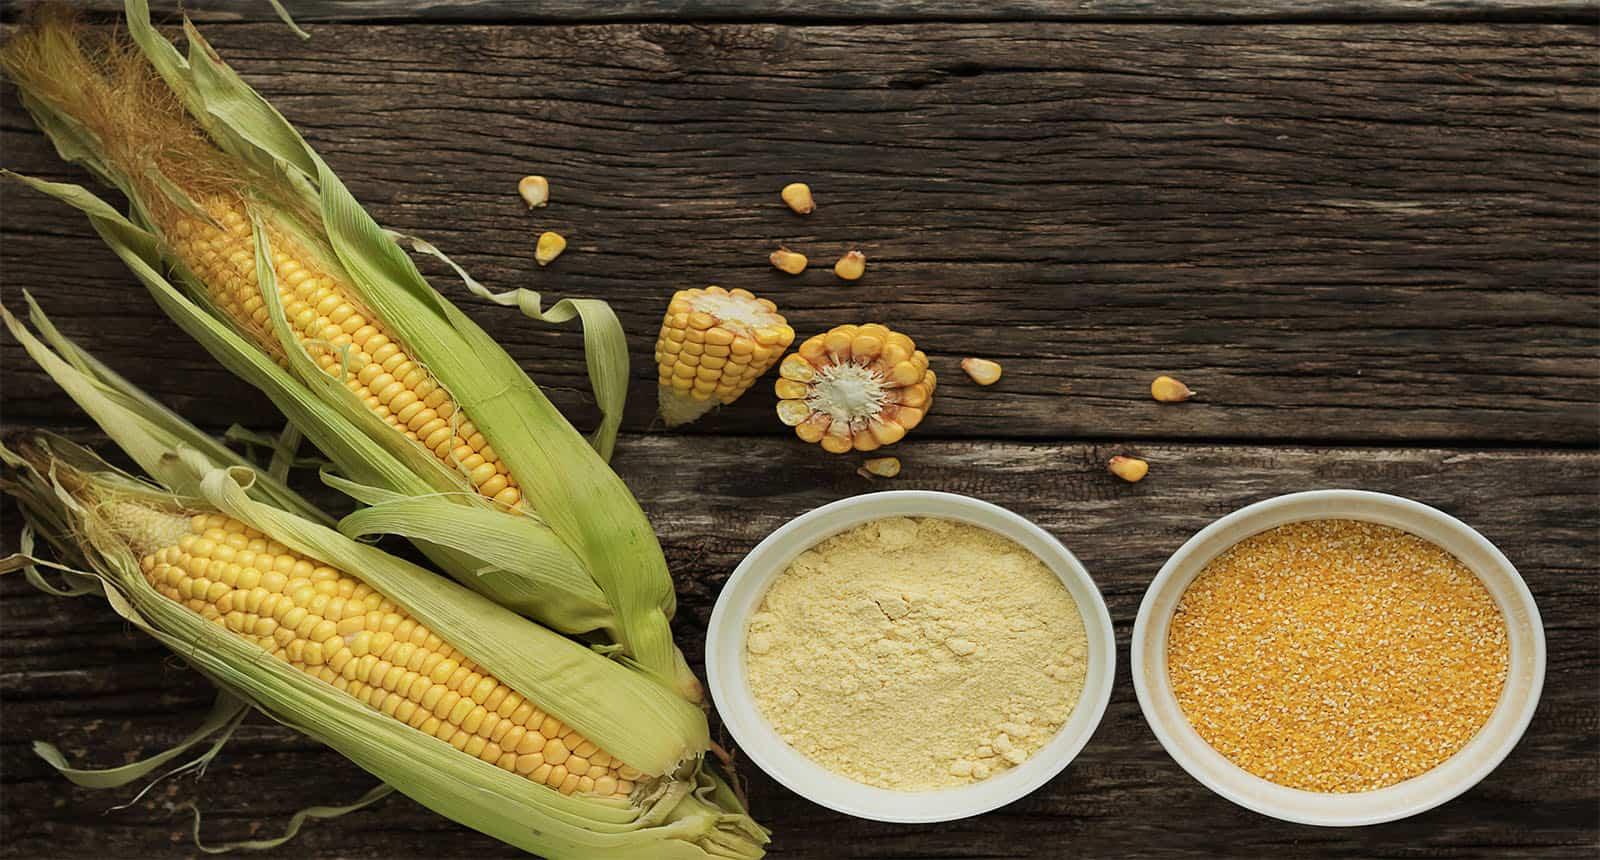 Cornmeal Substitutes